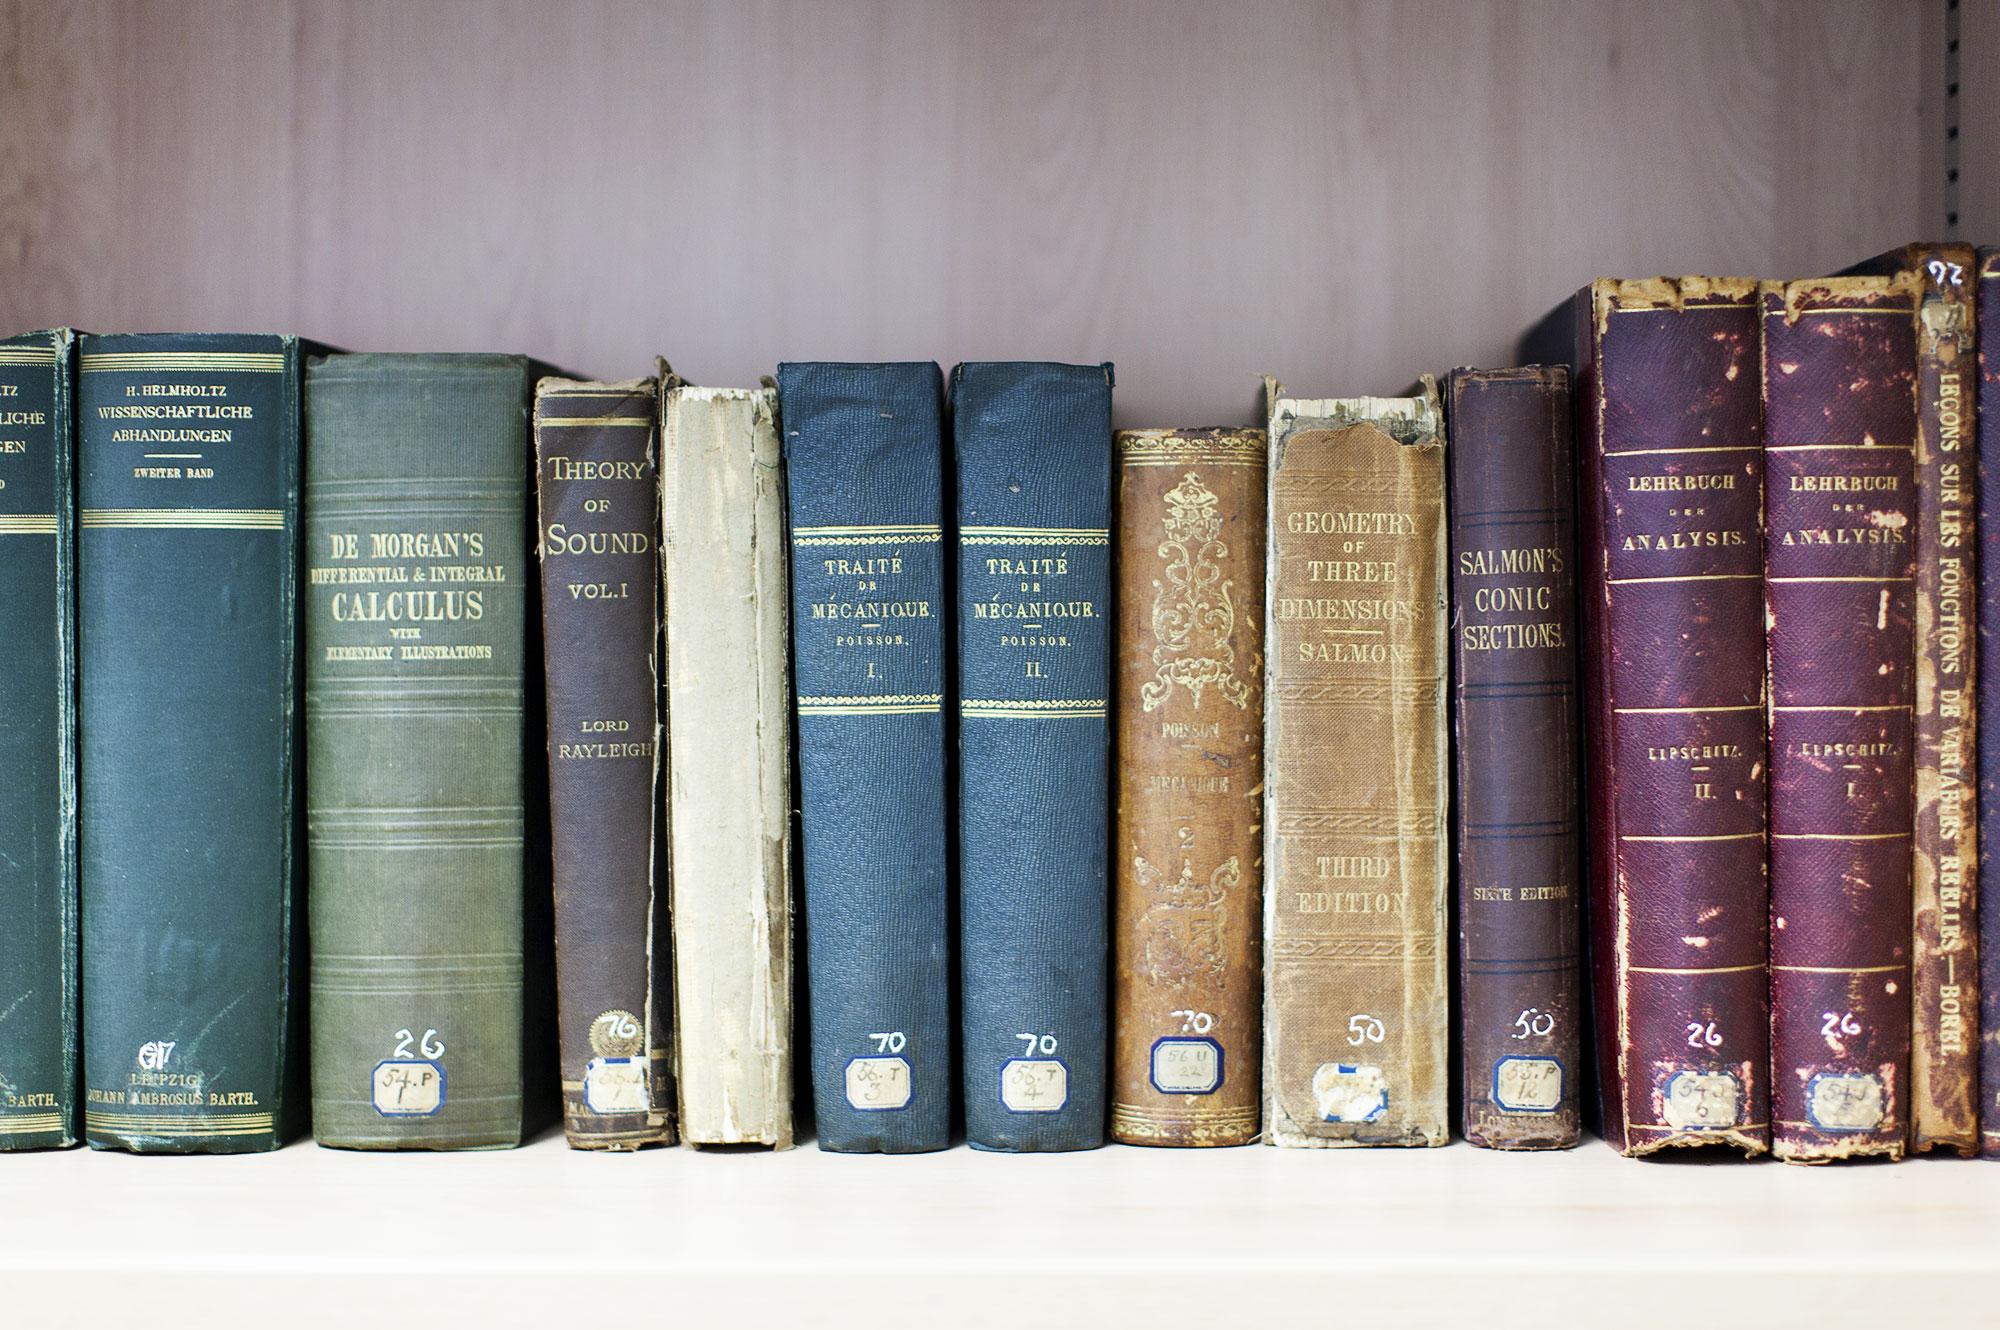 Minhyong Kim's books